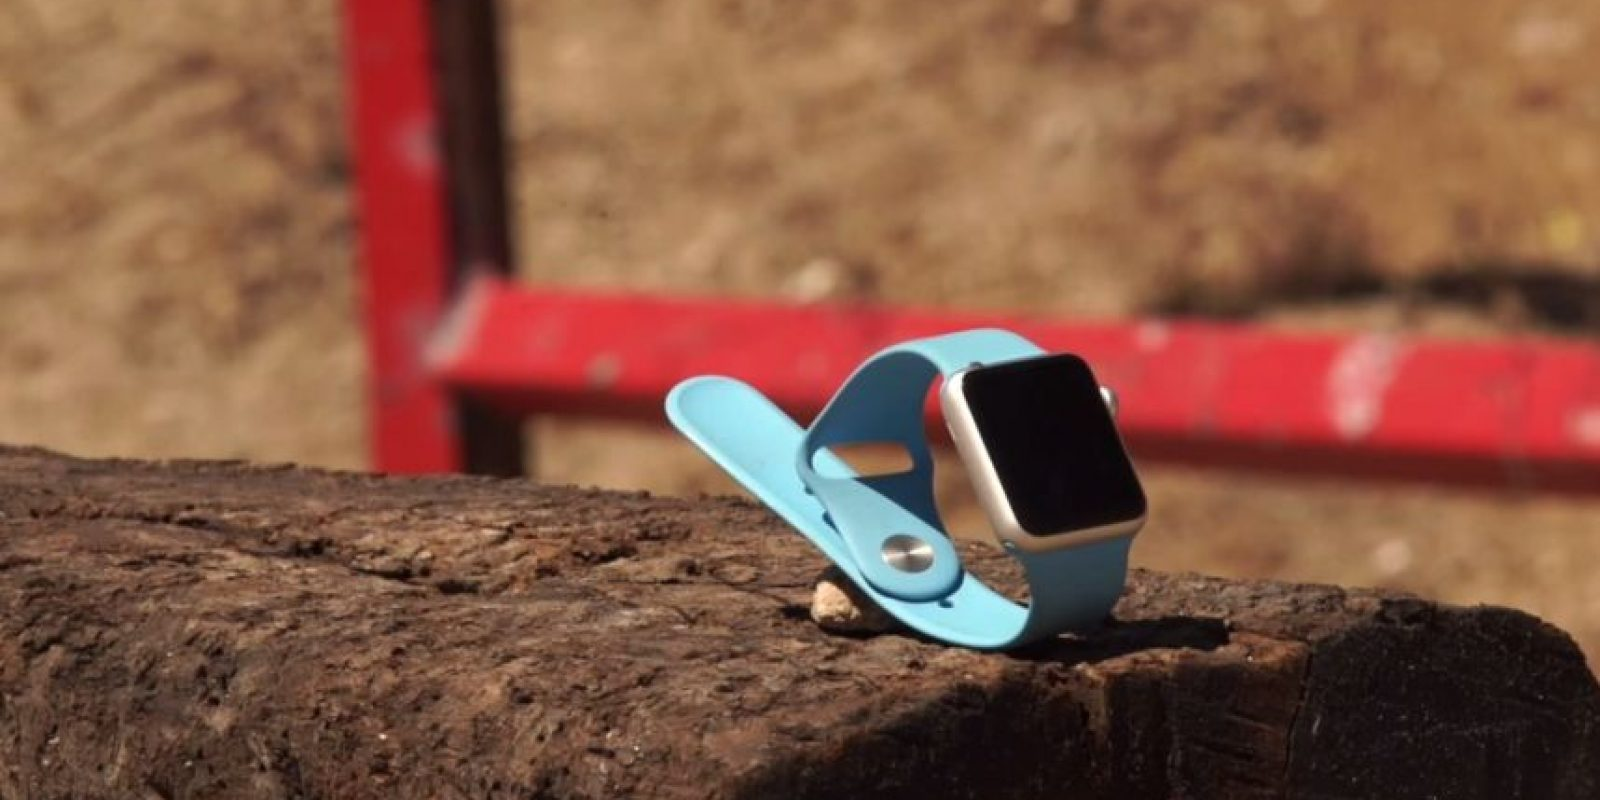 El reloj inteligente de Apple tiene un costo inicial de 349 dólares. Foto:FullMag